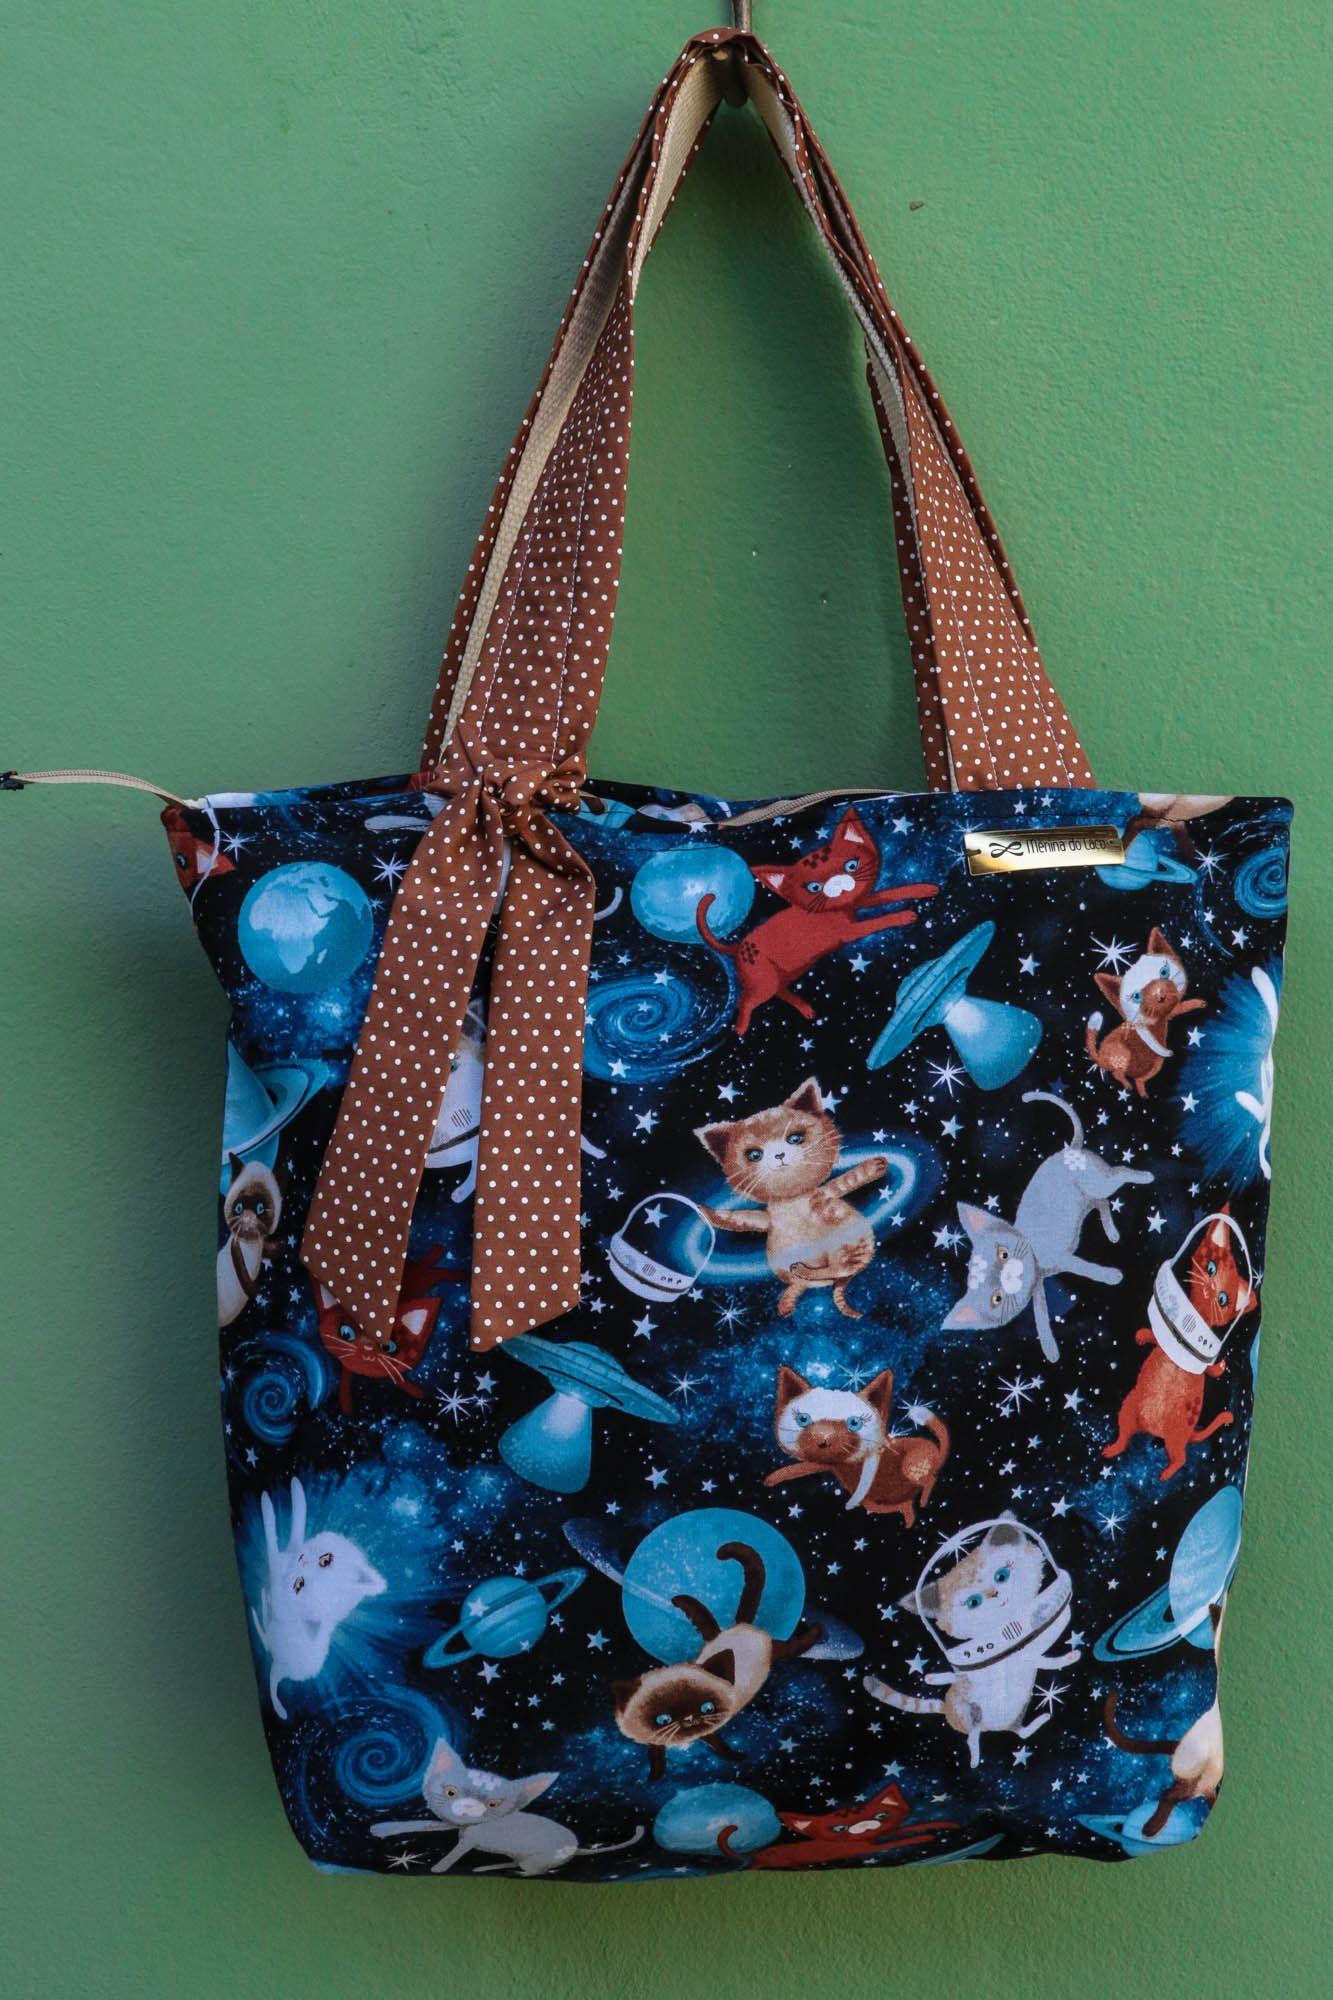 Bolsa Tecido Estampa de Gatos Espaciais